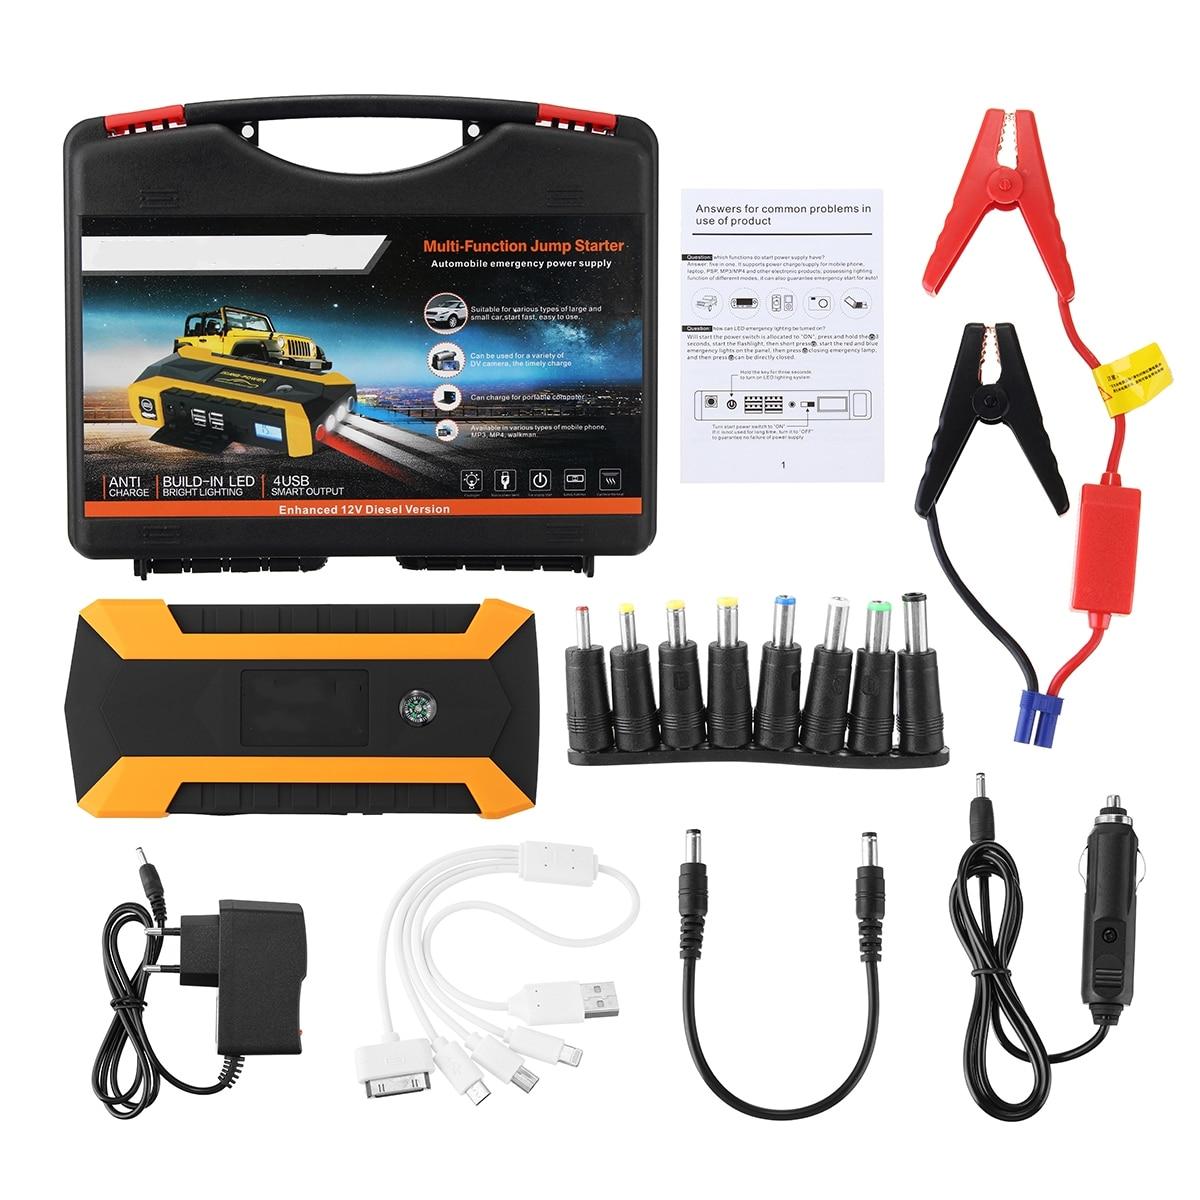 Multifonction Jump Starter 89800 mAh 12 V 4USB 600A Portable amplificateur de batterie De Voiture Chargeur Booster batterie externe Dispositif de Démarrage - 2